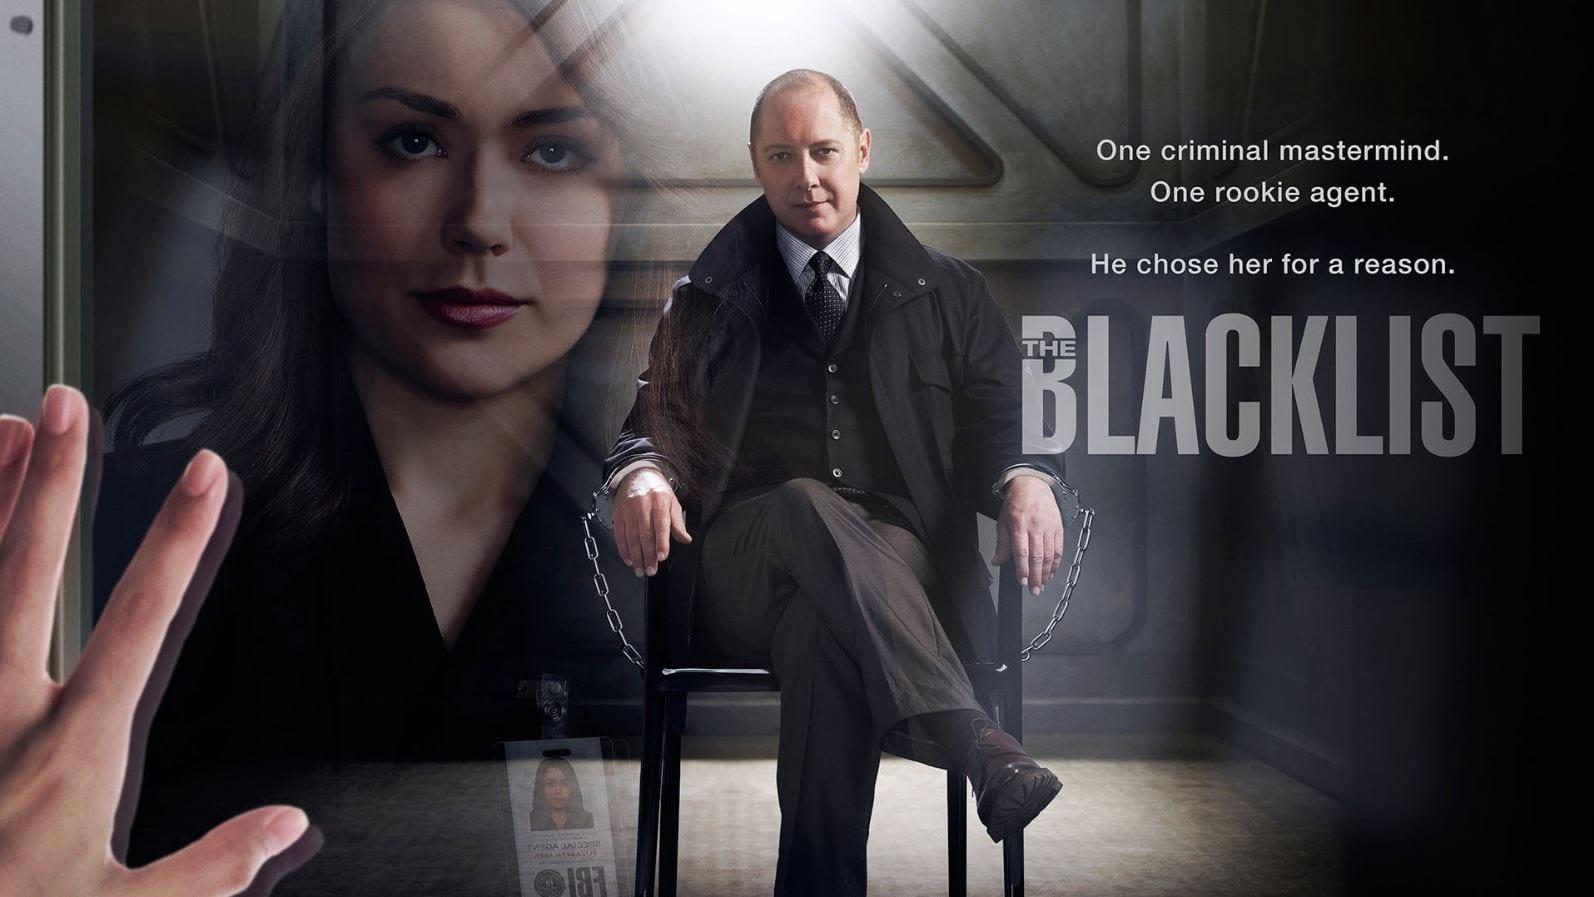 The Blacklist Renewed for Season 9: When will it Release?